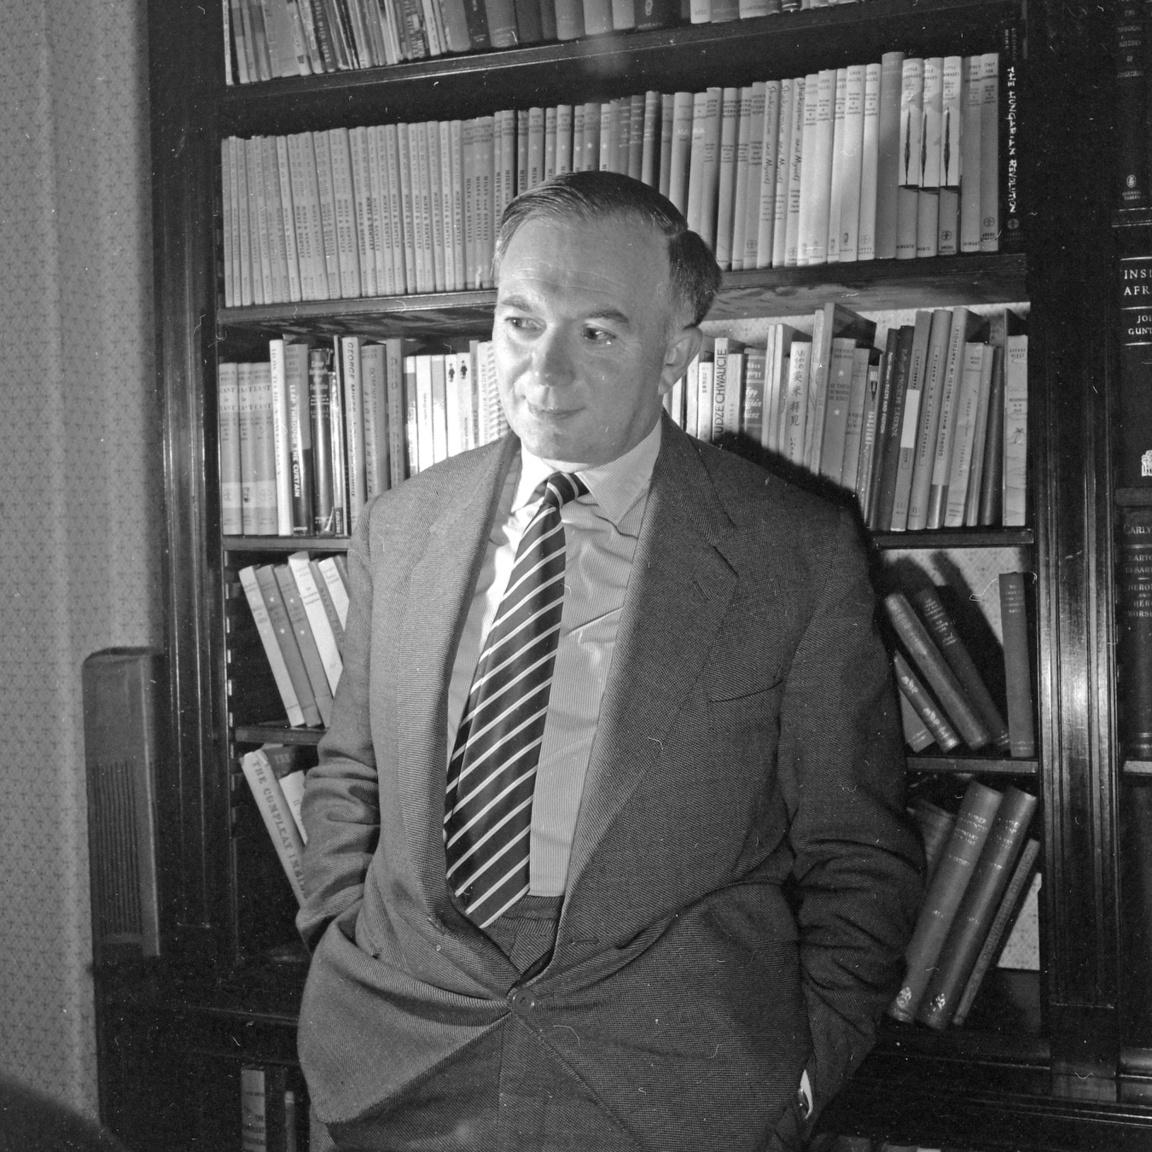 Valószínűleg több angol emlegeti könnyesre kacagott szemmel a George Mikessé lett Mikes György (1912-1987) egy-egy régi How to be... című kötetét, mint ahányan Magyarországon egyáltalán fel tudják idézni nevét és alakját. Rövid ideig ő írta Szinházi Élet híres Intim Pista rovatát. 1938-tól Angliába kiküldött tudósító és zsidó származása miatt nem is tért vissza, a BBC magyar osztályán dolgozott. Rendszeresen szerepelt a Szabad Európa Rádió magyar nyelvű adásaiban is.